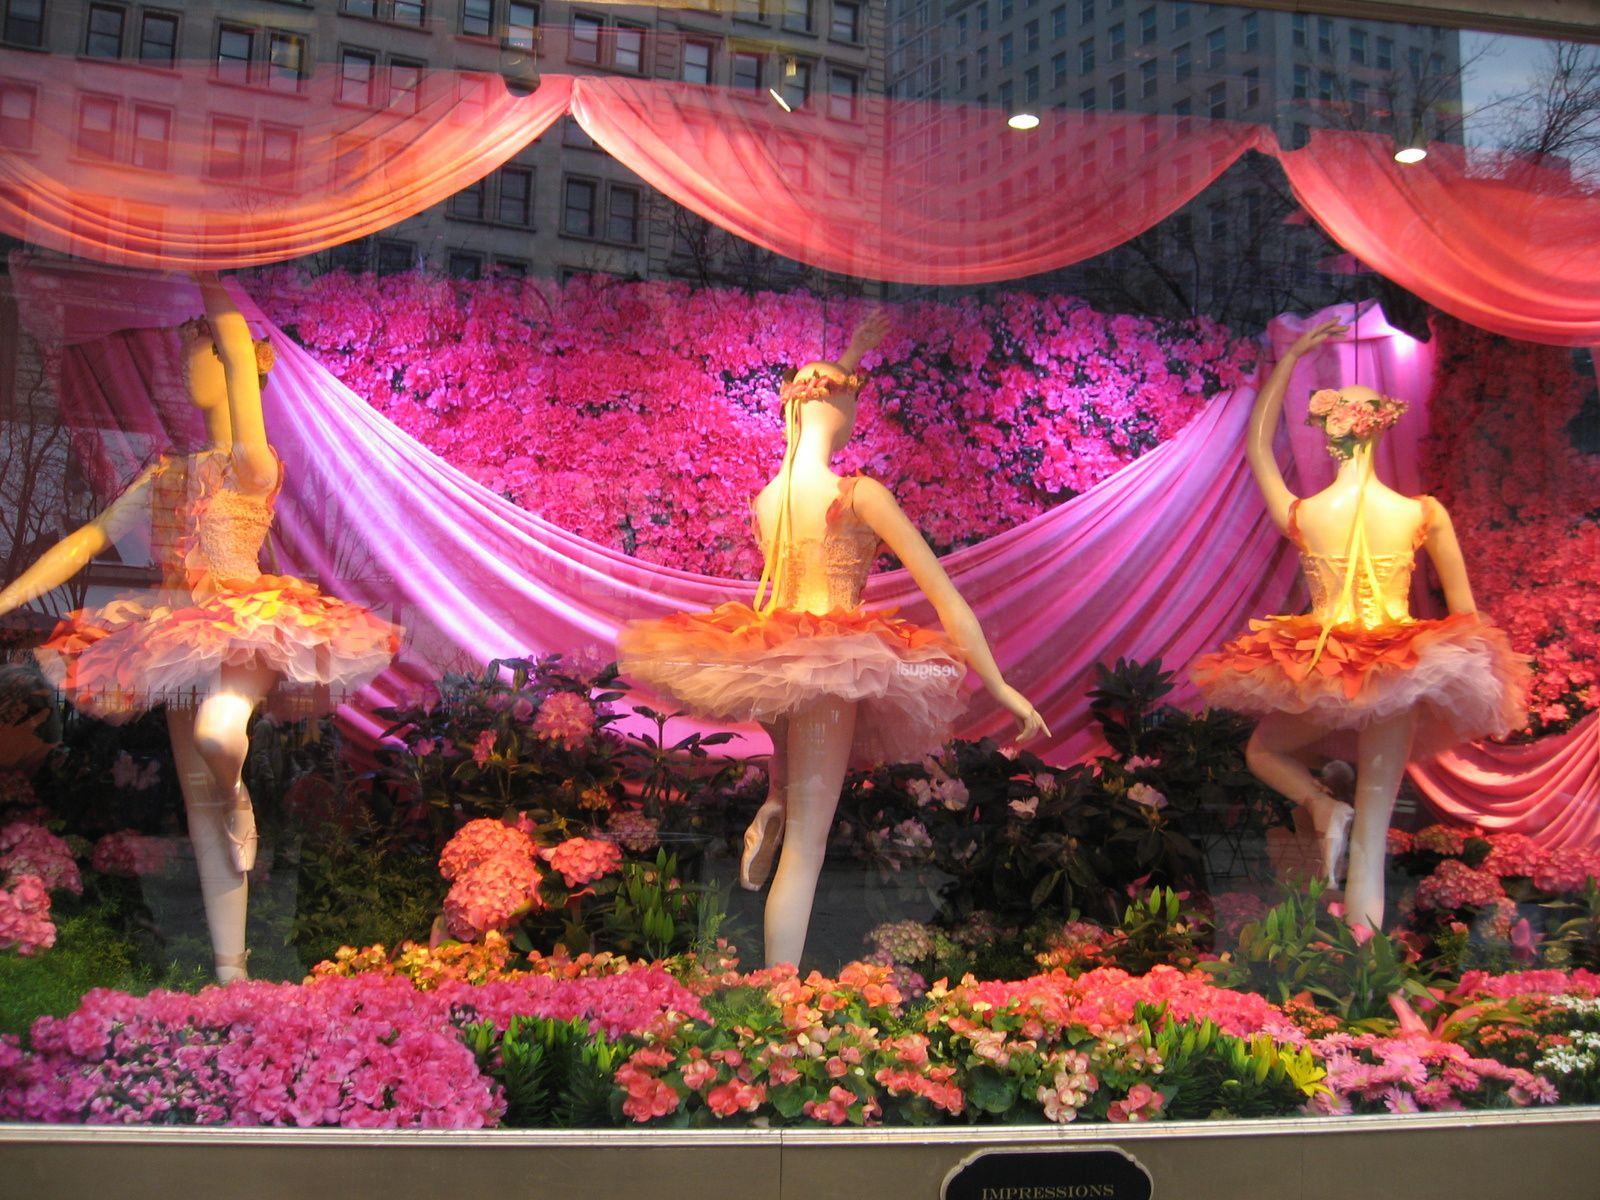 Macy's Flowers Show, so cute comme diraient les américains .